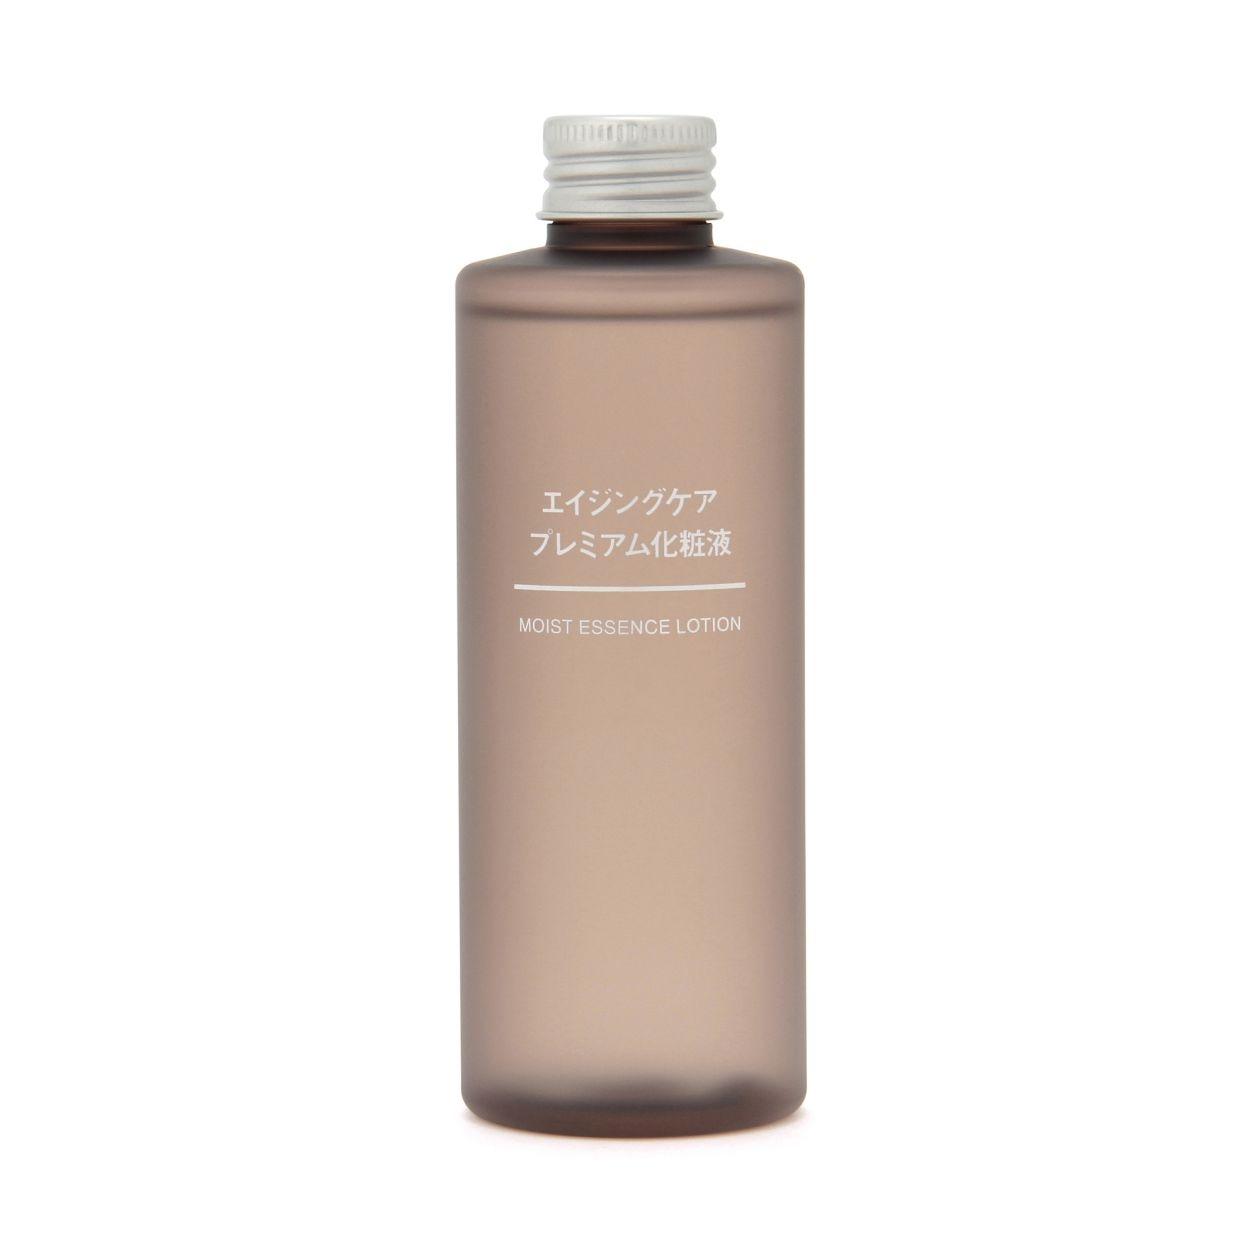 エイジングケアプレミアム化粧液